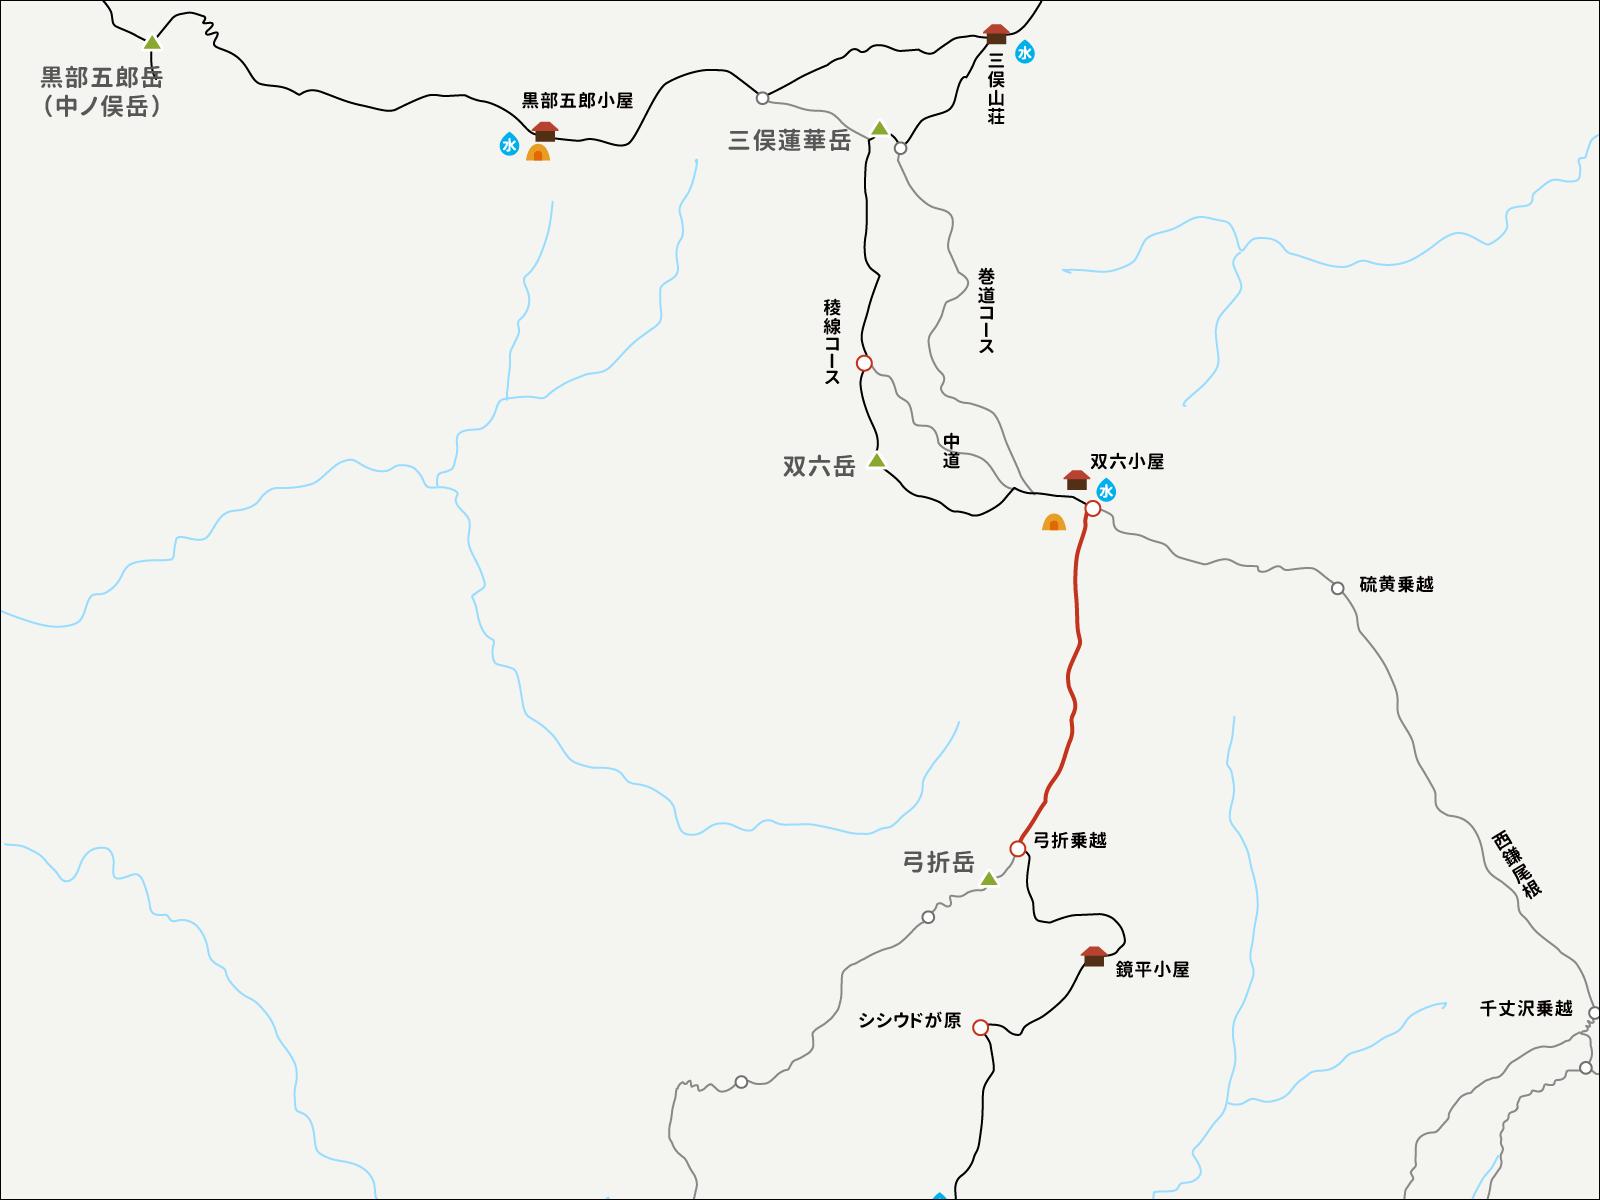 双六小屋から弓折乗越までのイラストマップ